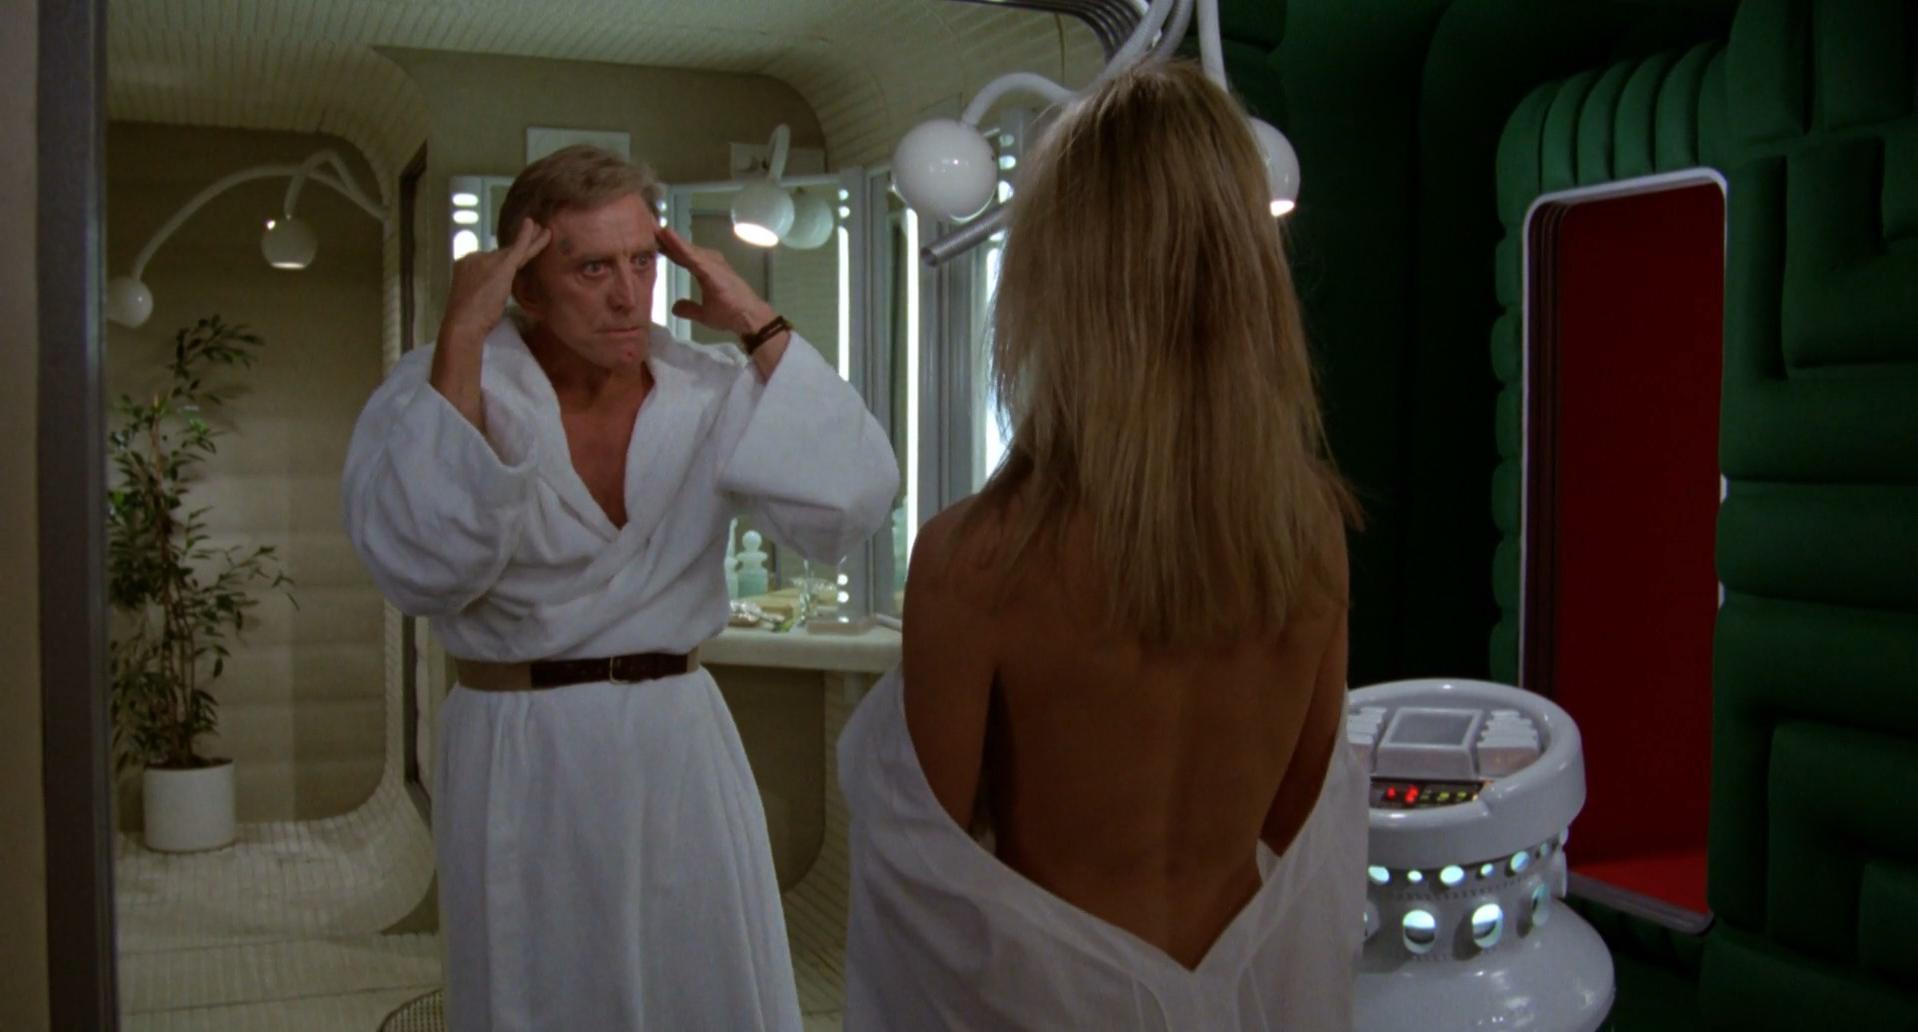 Nude video celebs » Farrah Fawcett nude - Saturn 3 (1980)